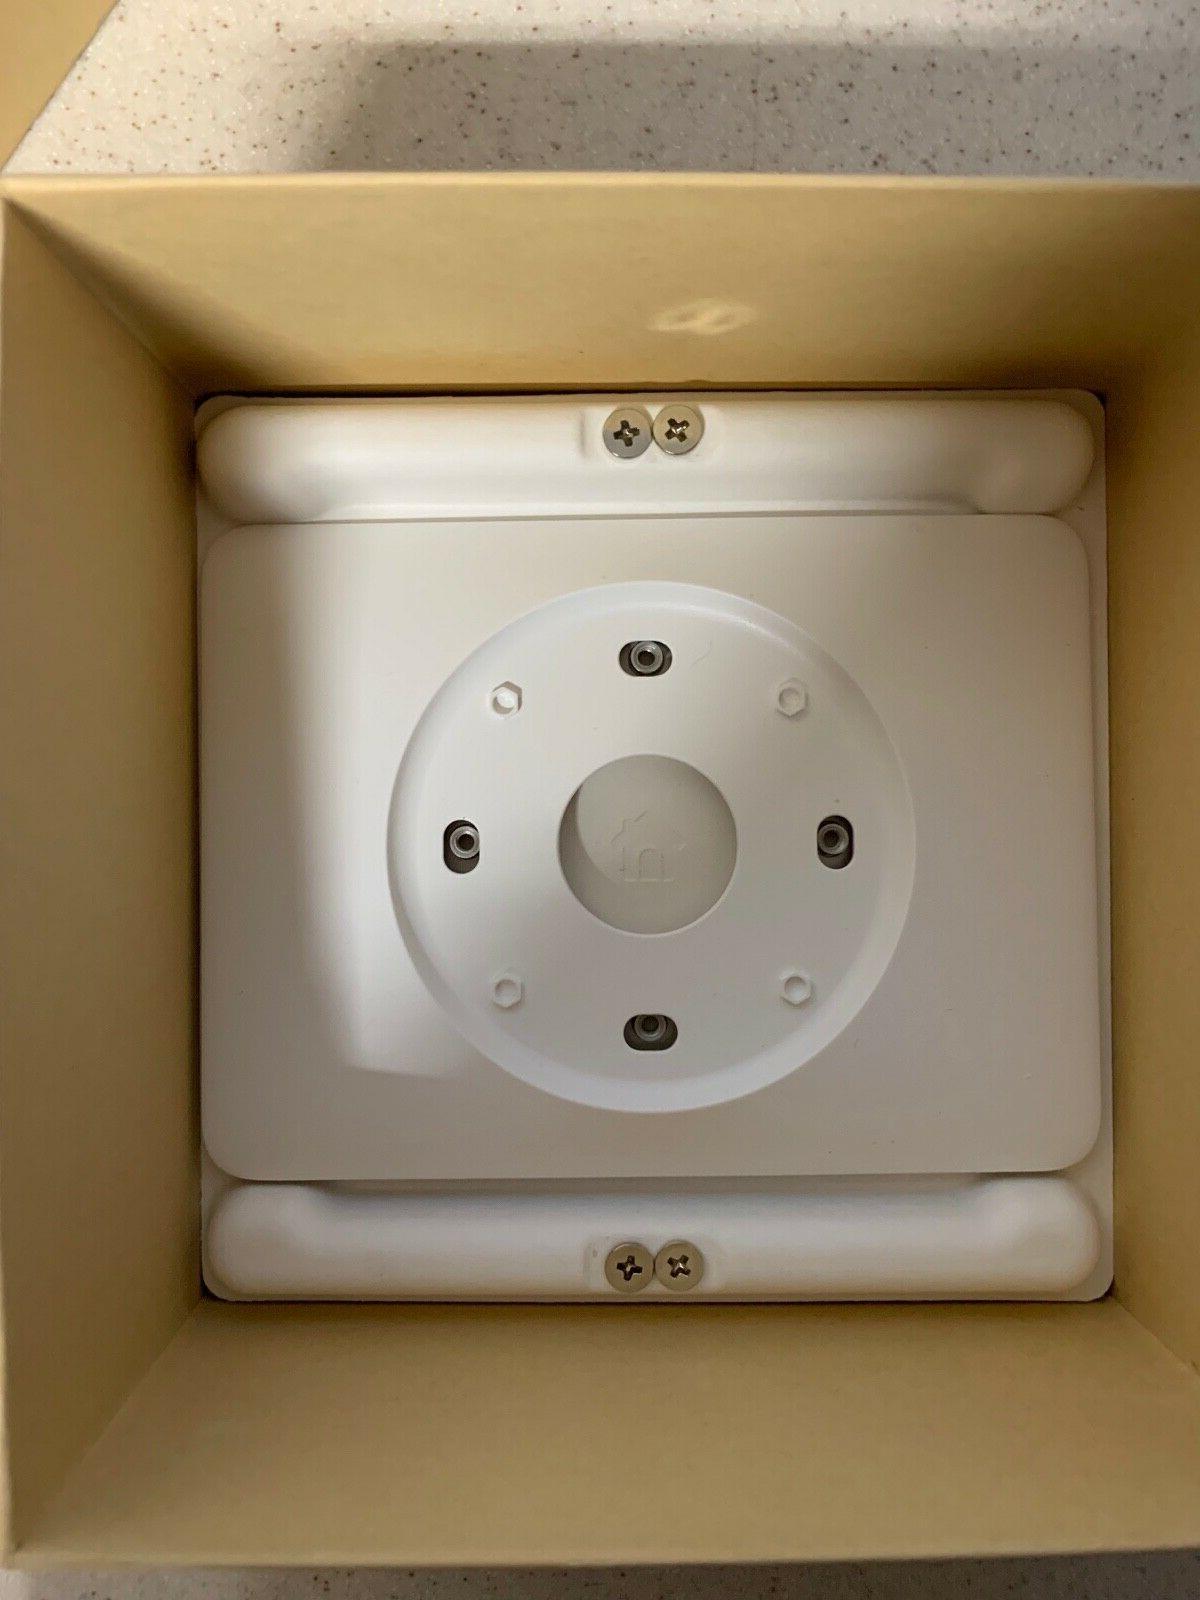 Nest Thermostat Gen Works Home Alexa - Black